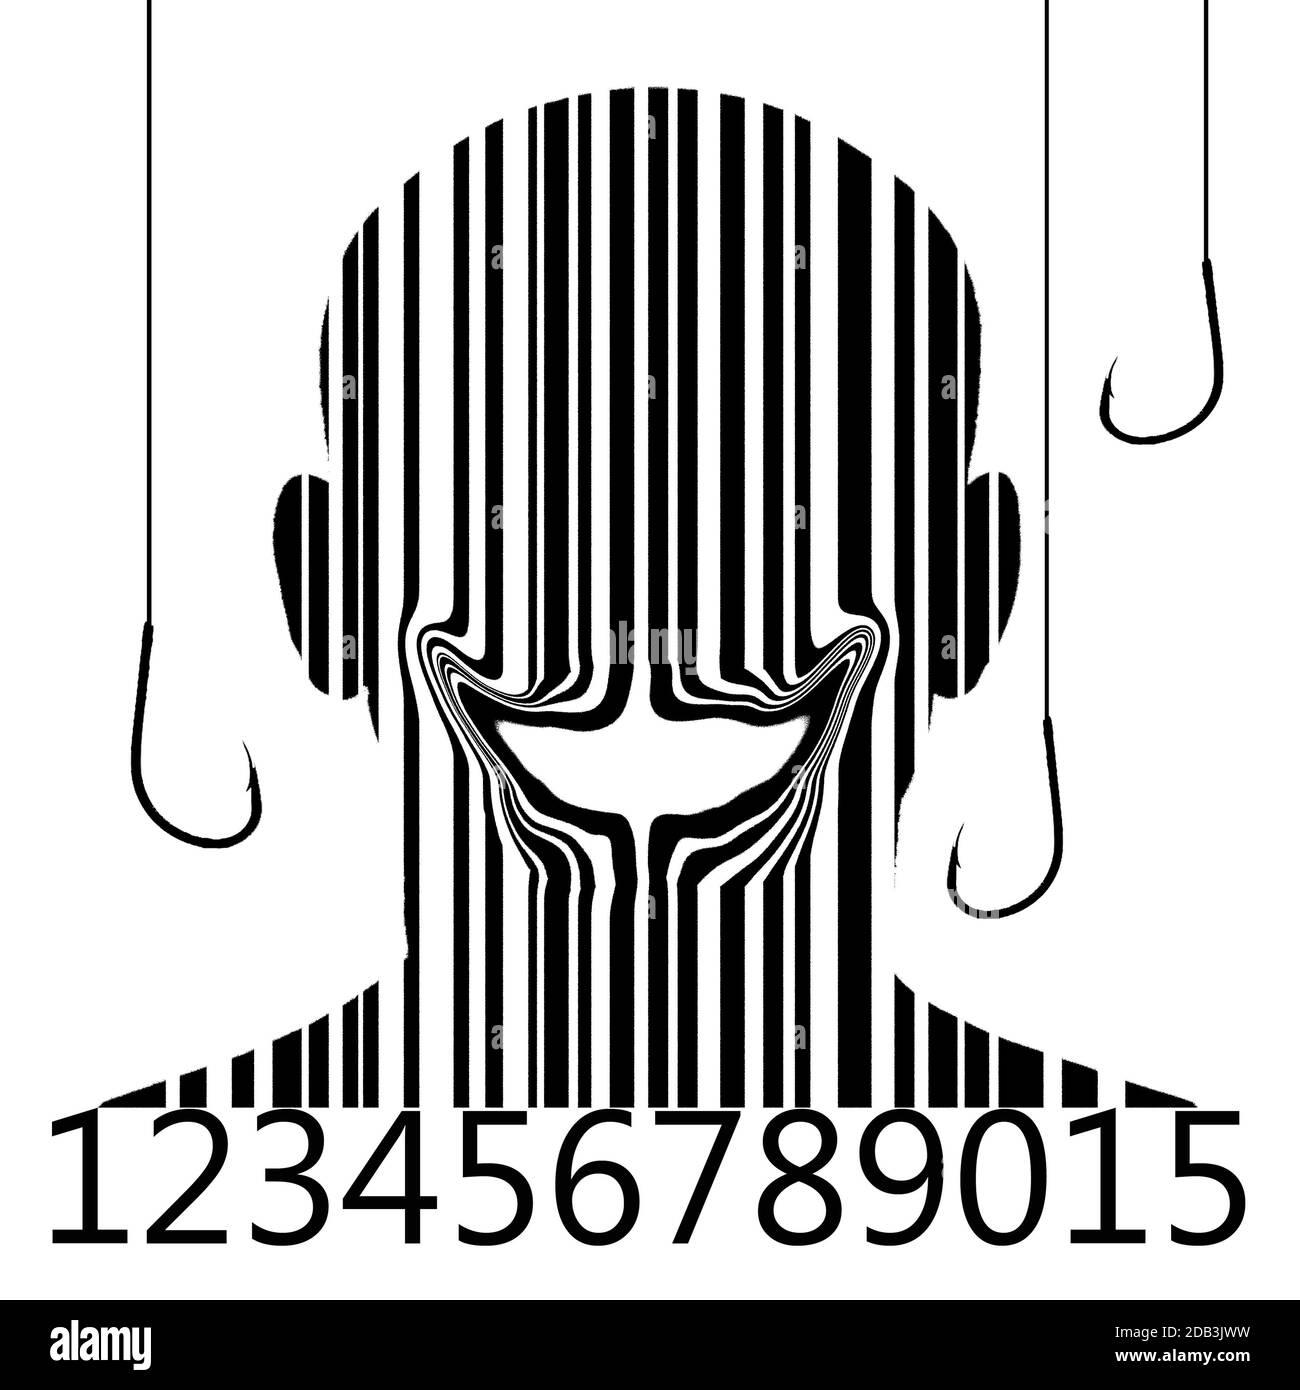 Código de barras smilin hombre con anzuelo ilustración digital Foto de stock